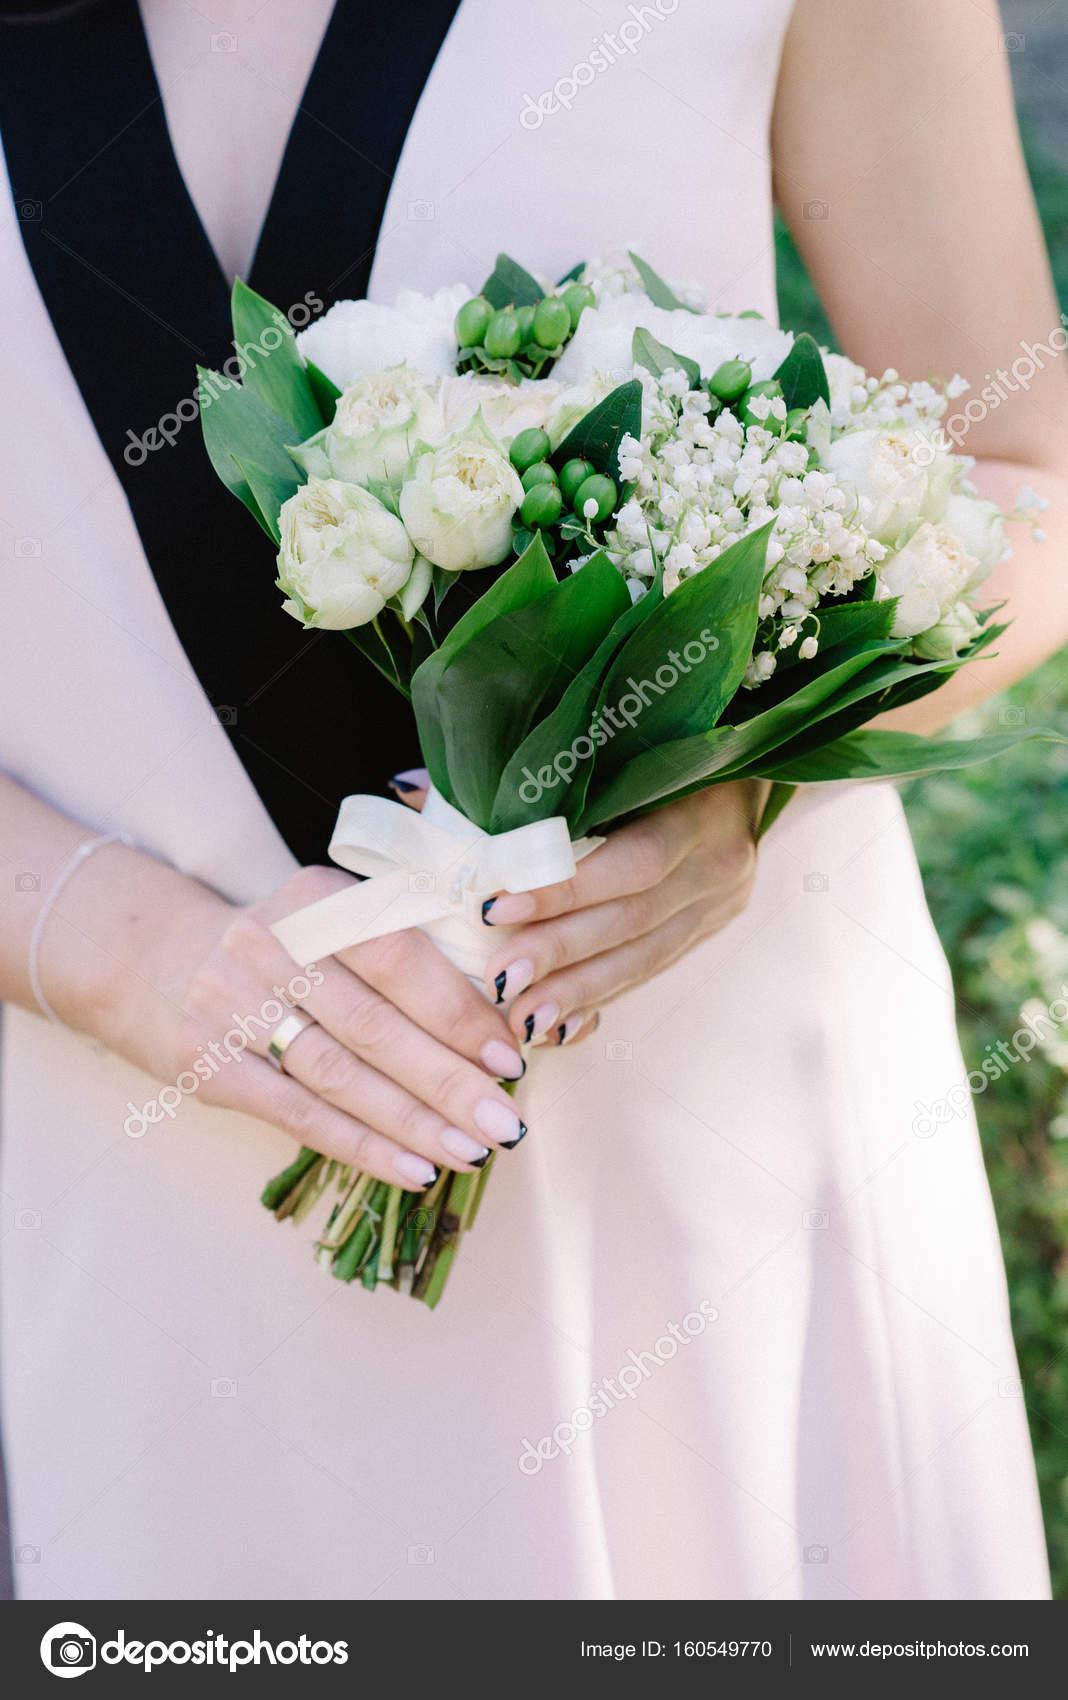 Charmante Maiglockchen Brautstrauss In Handen Der Braut Stockfoto